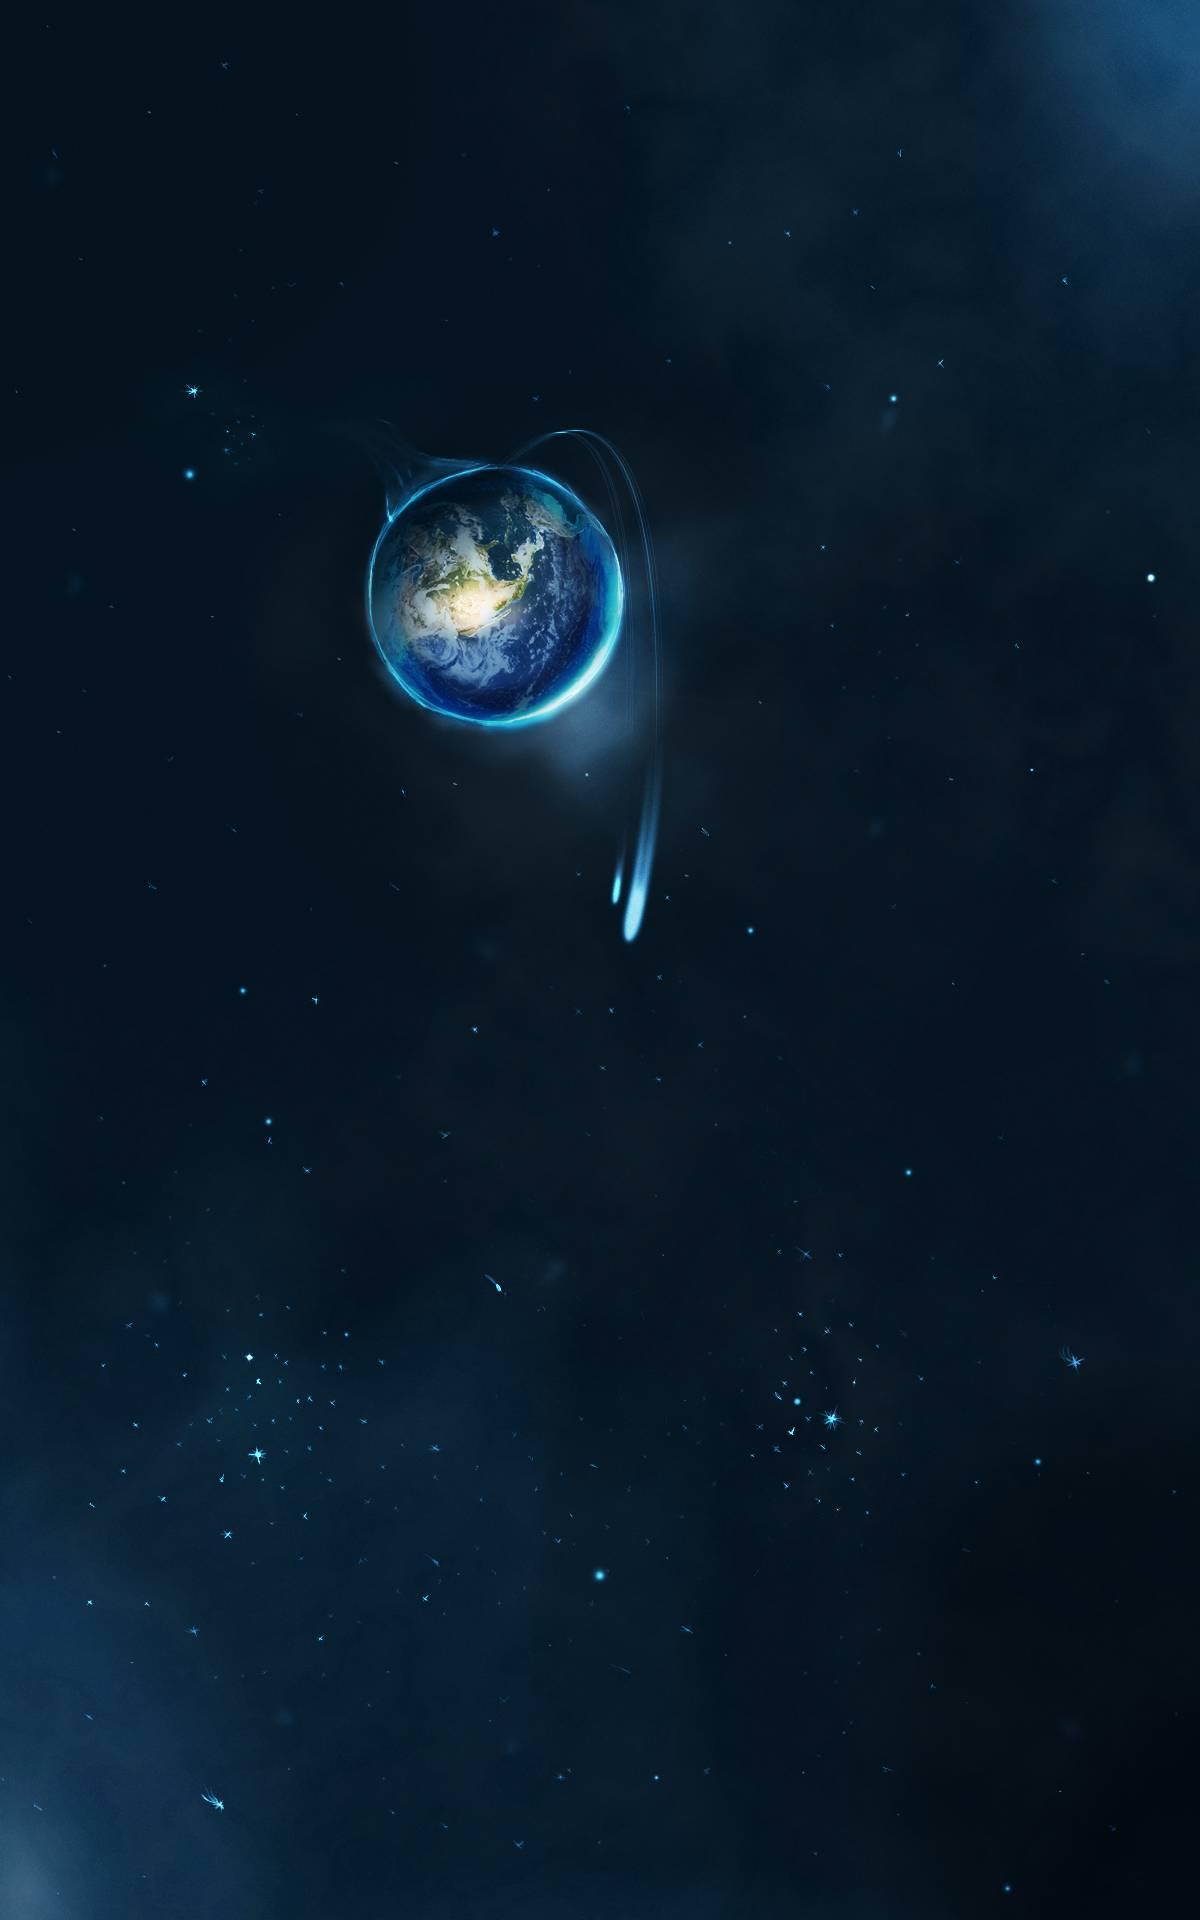 Macro Space View Wallpaper 1200x1920 380x608